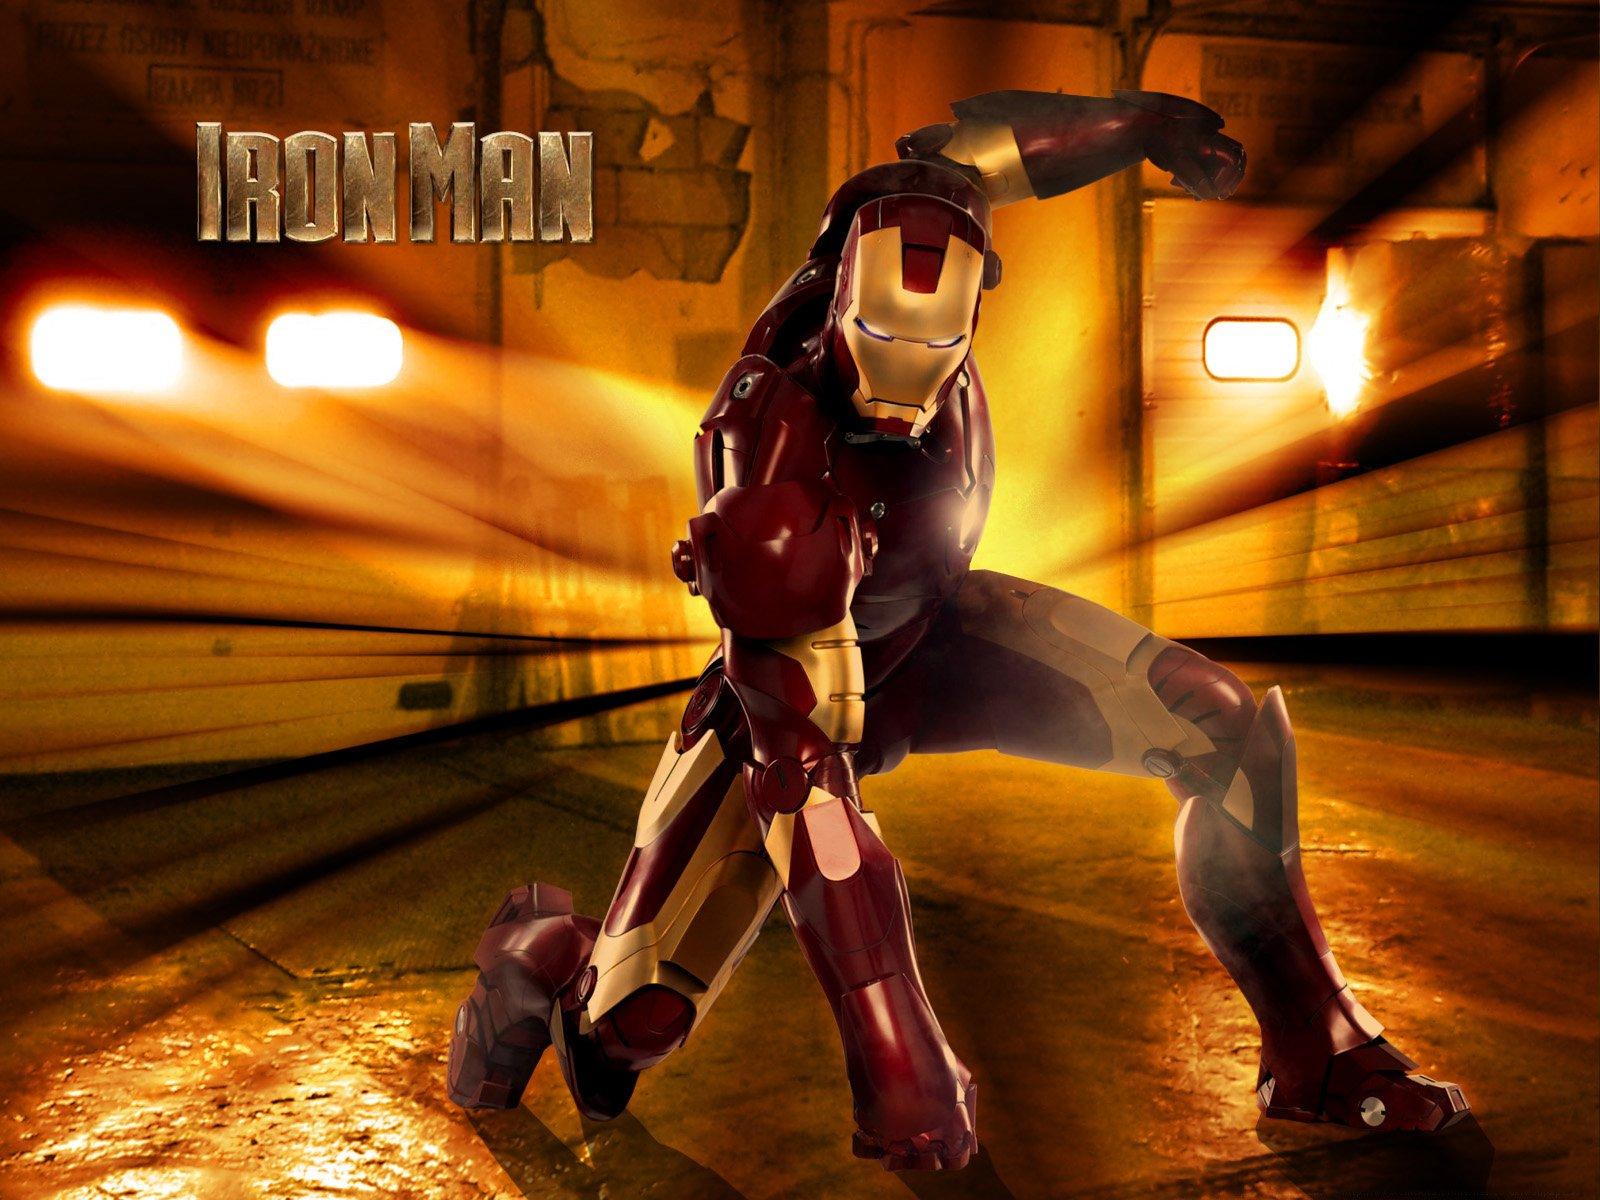 Iron man fond d 39 cran and arri re plan 1600x1200 id 284458 - Iron man telecharger ...